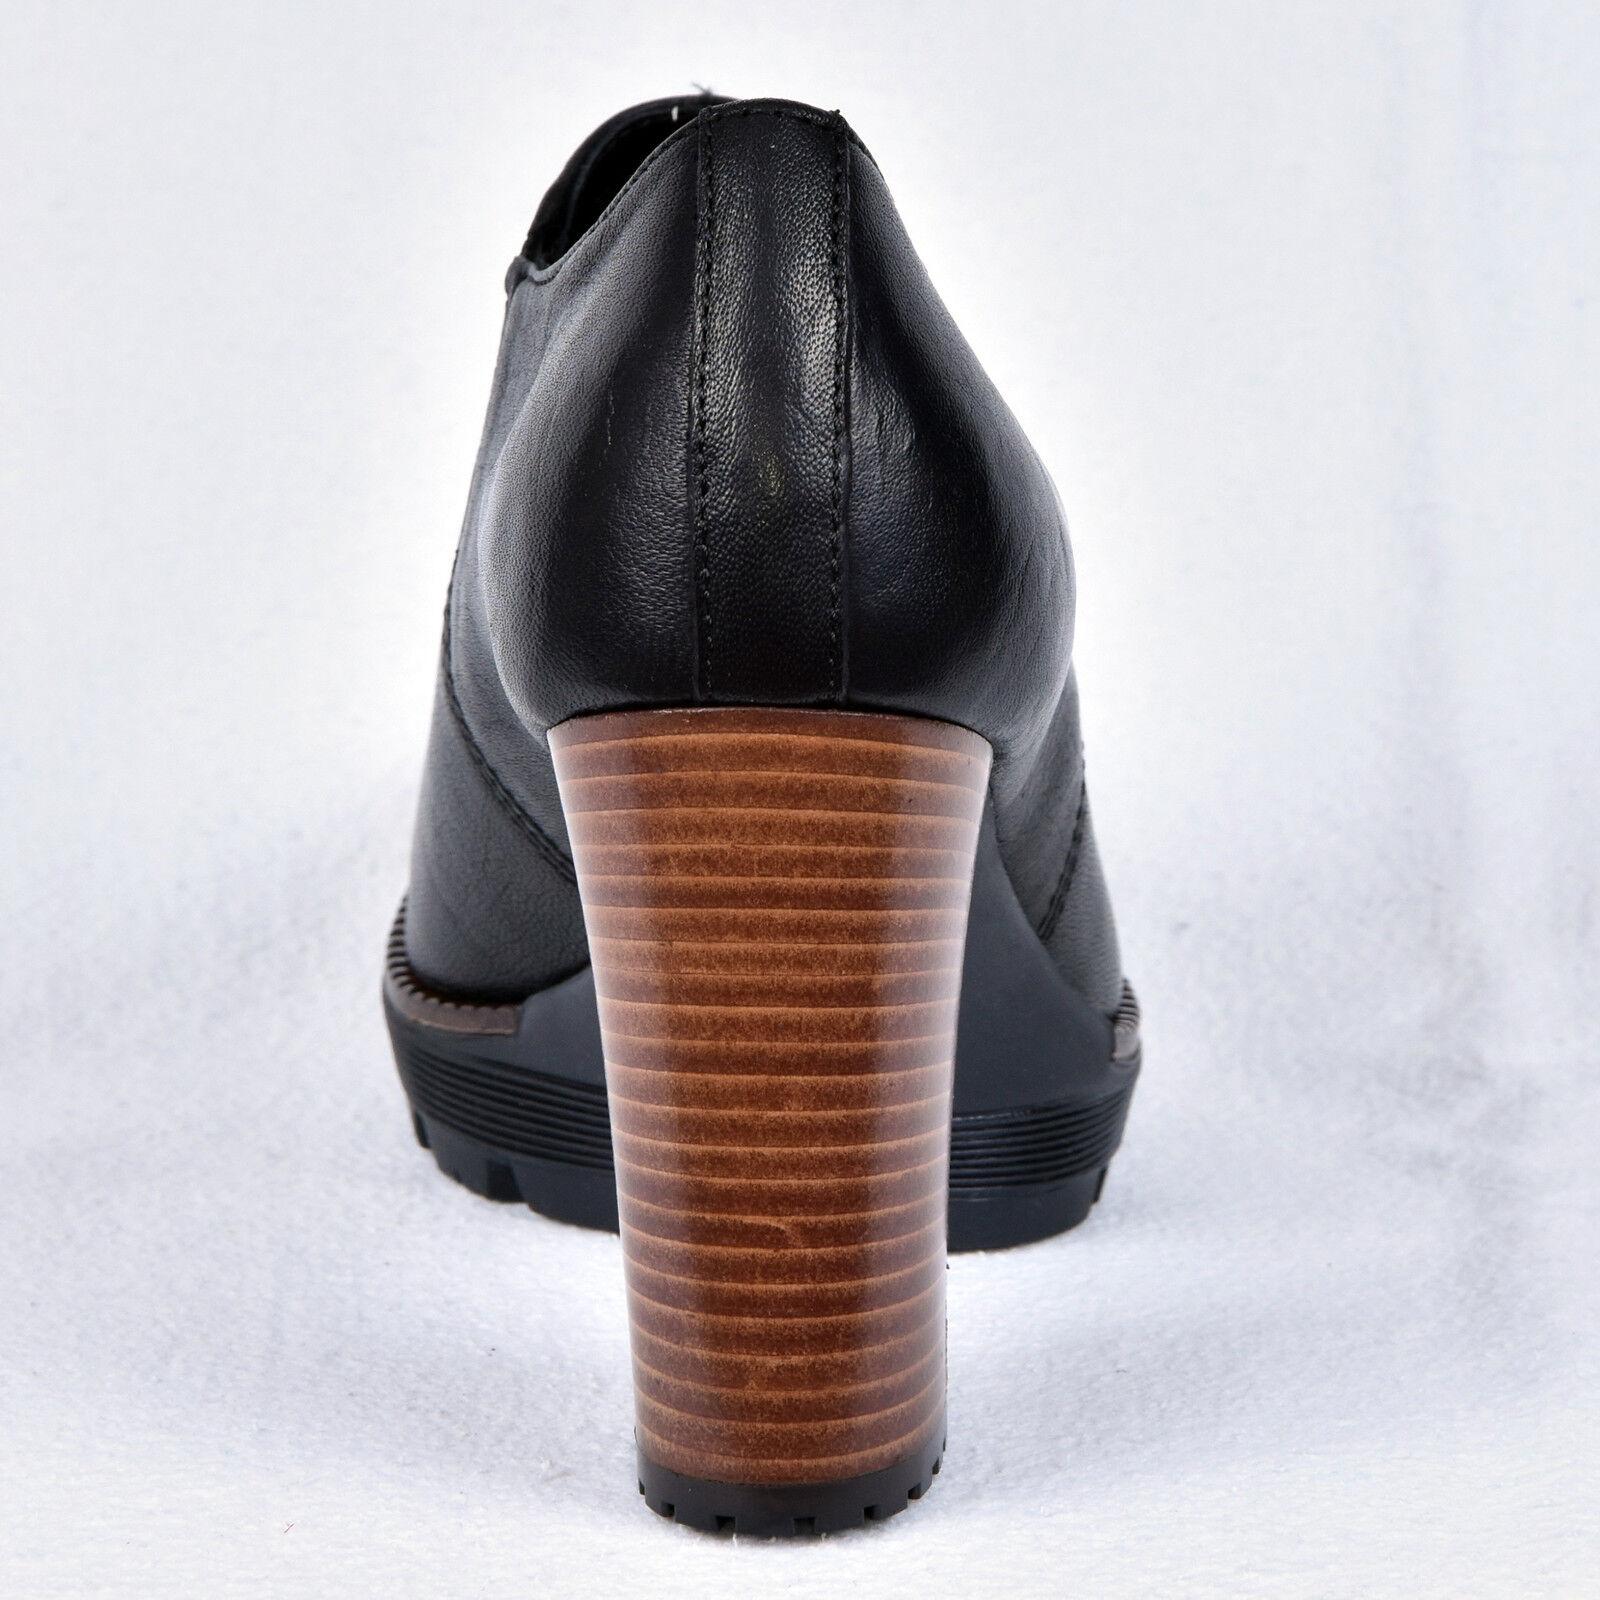 PEPEROSA da Donna Donna da Stivaletti Stivali   Nero nuovo Pelle 39 40 6269ae